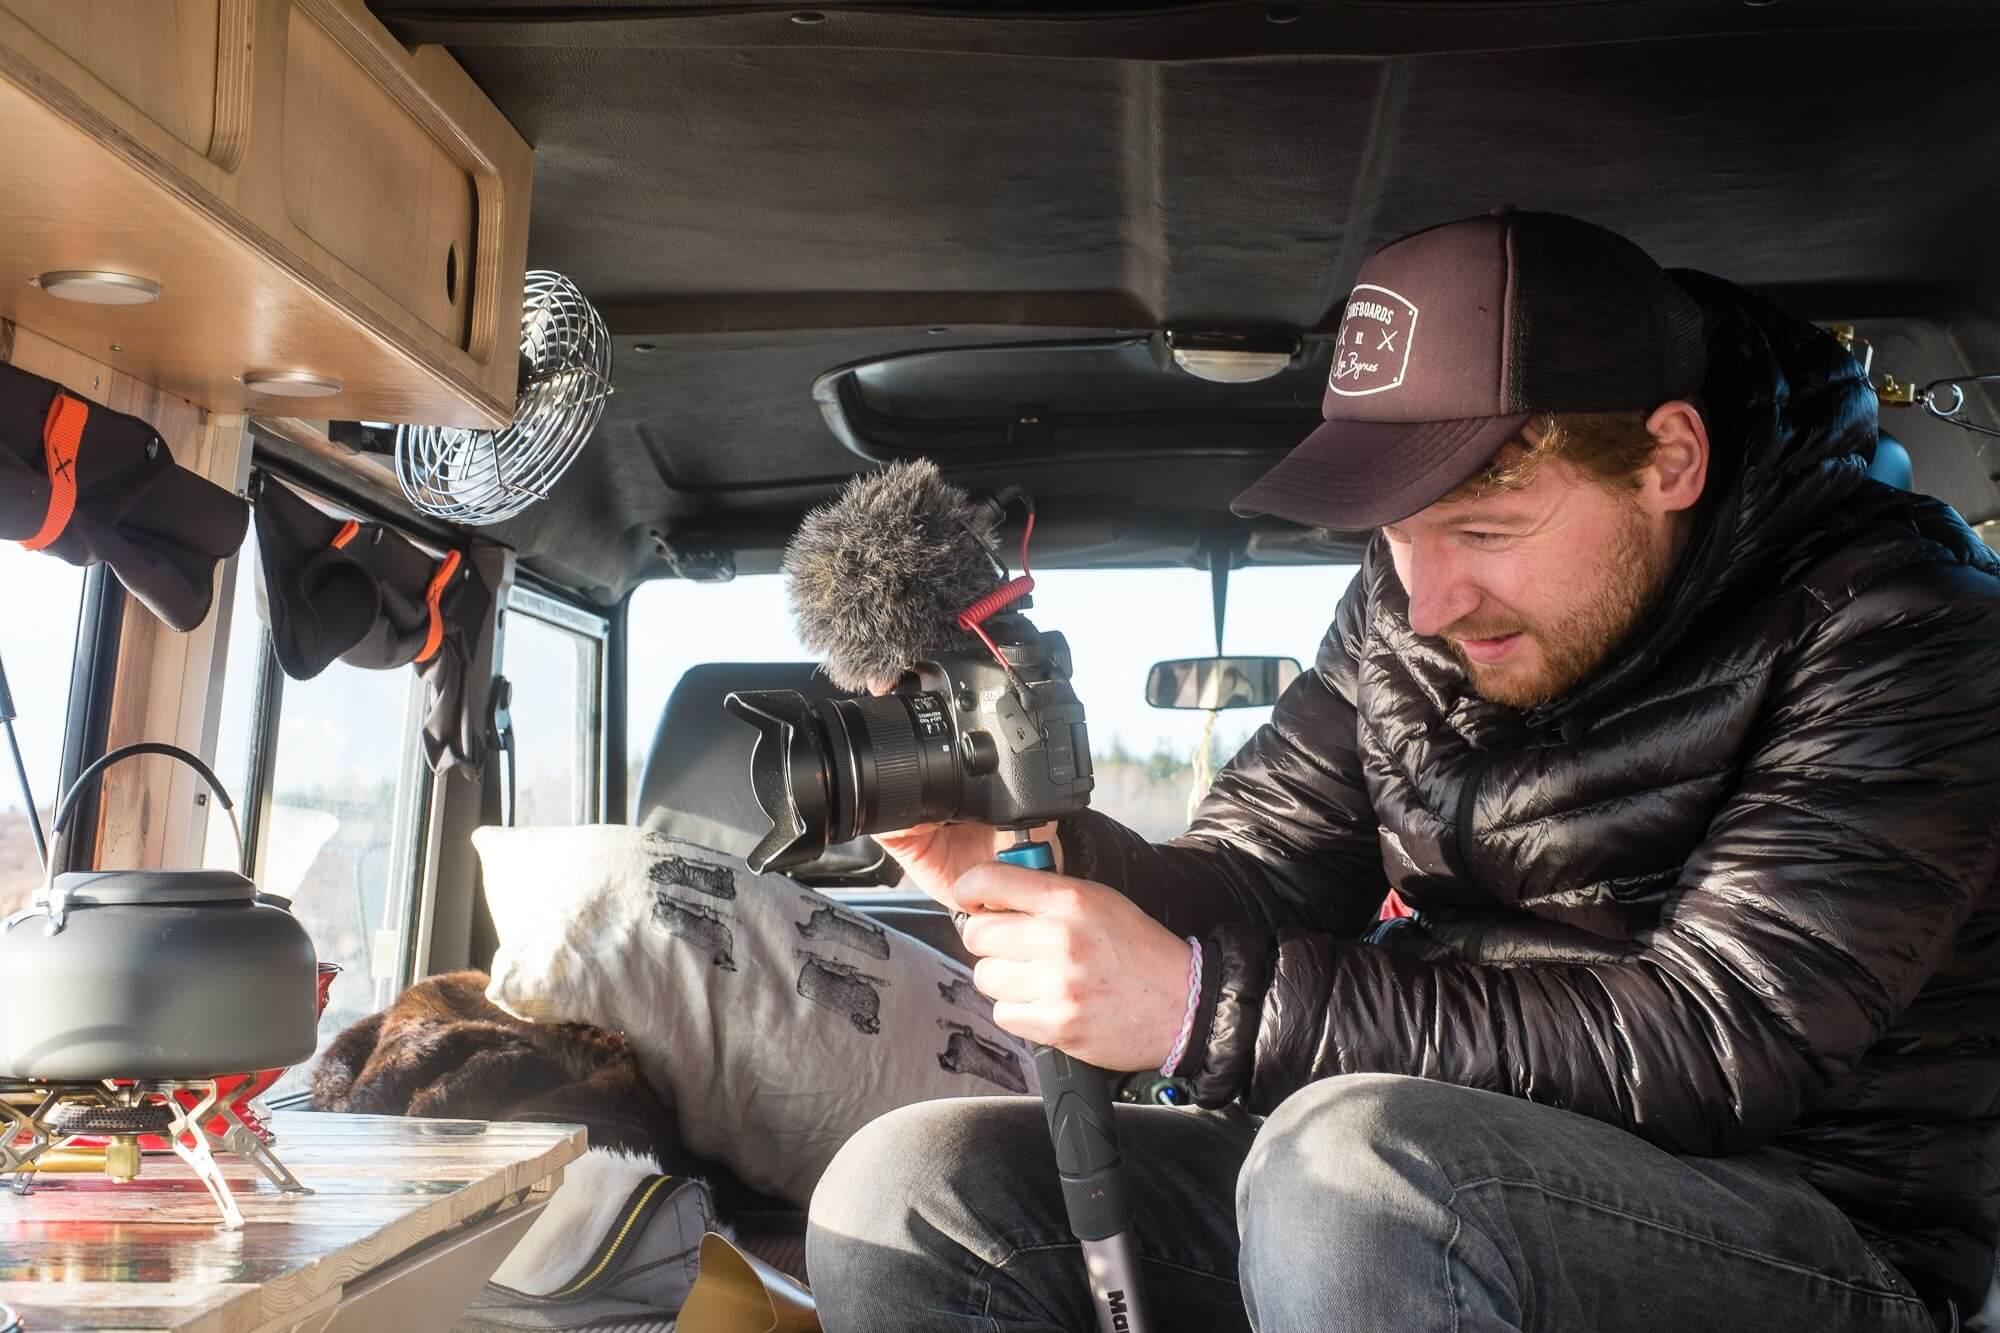 Phil mit Kamera